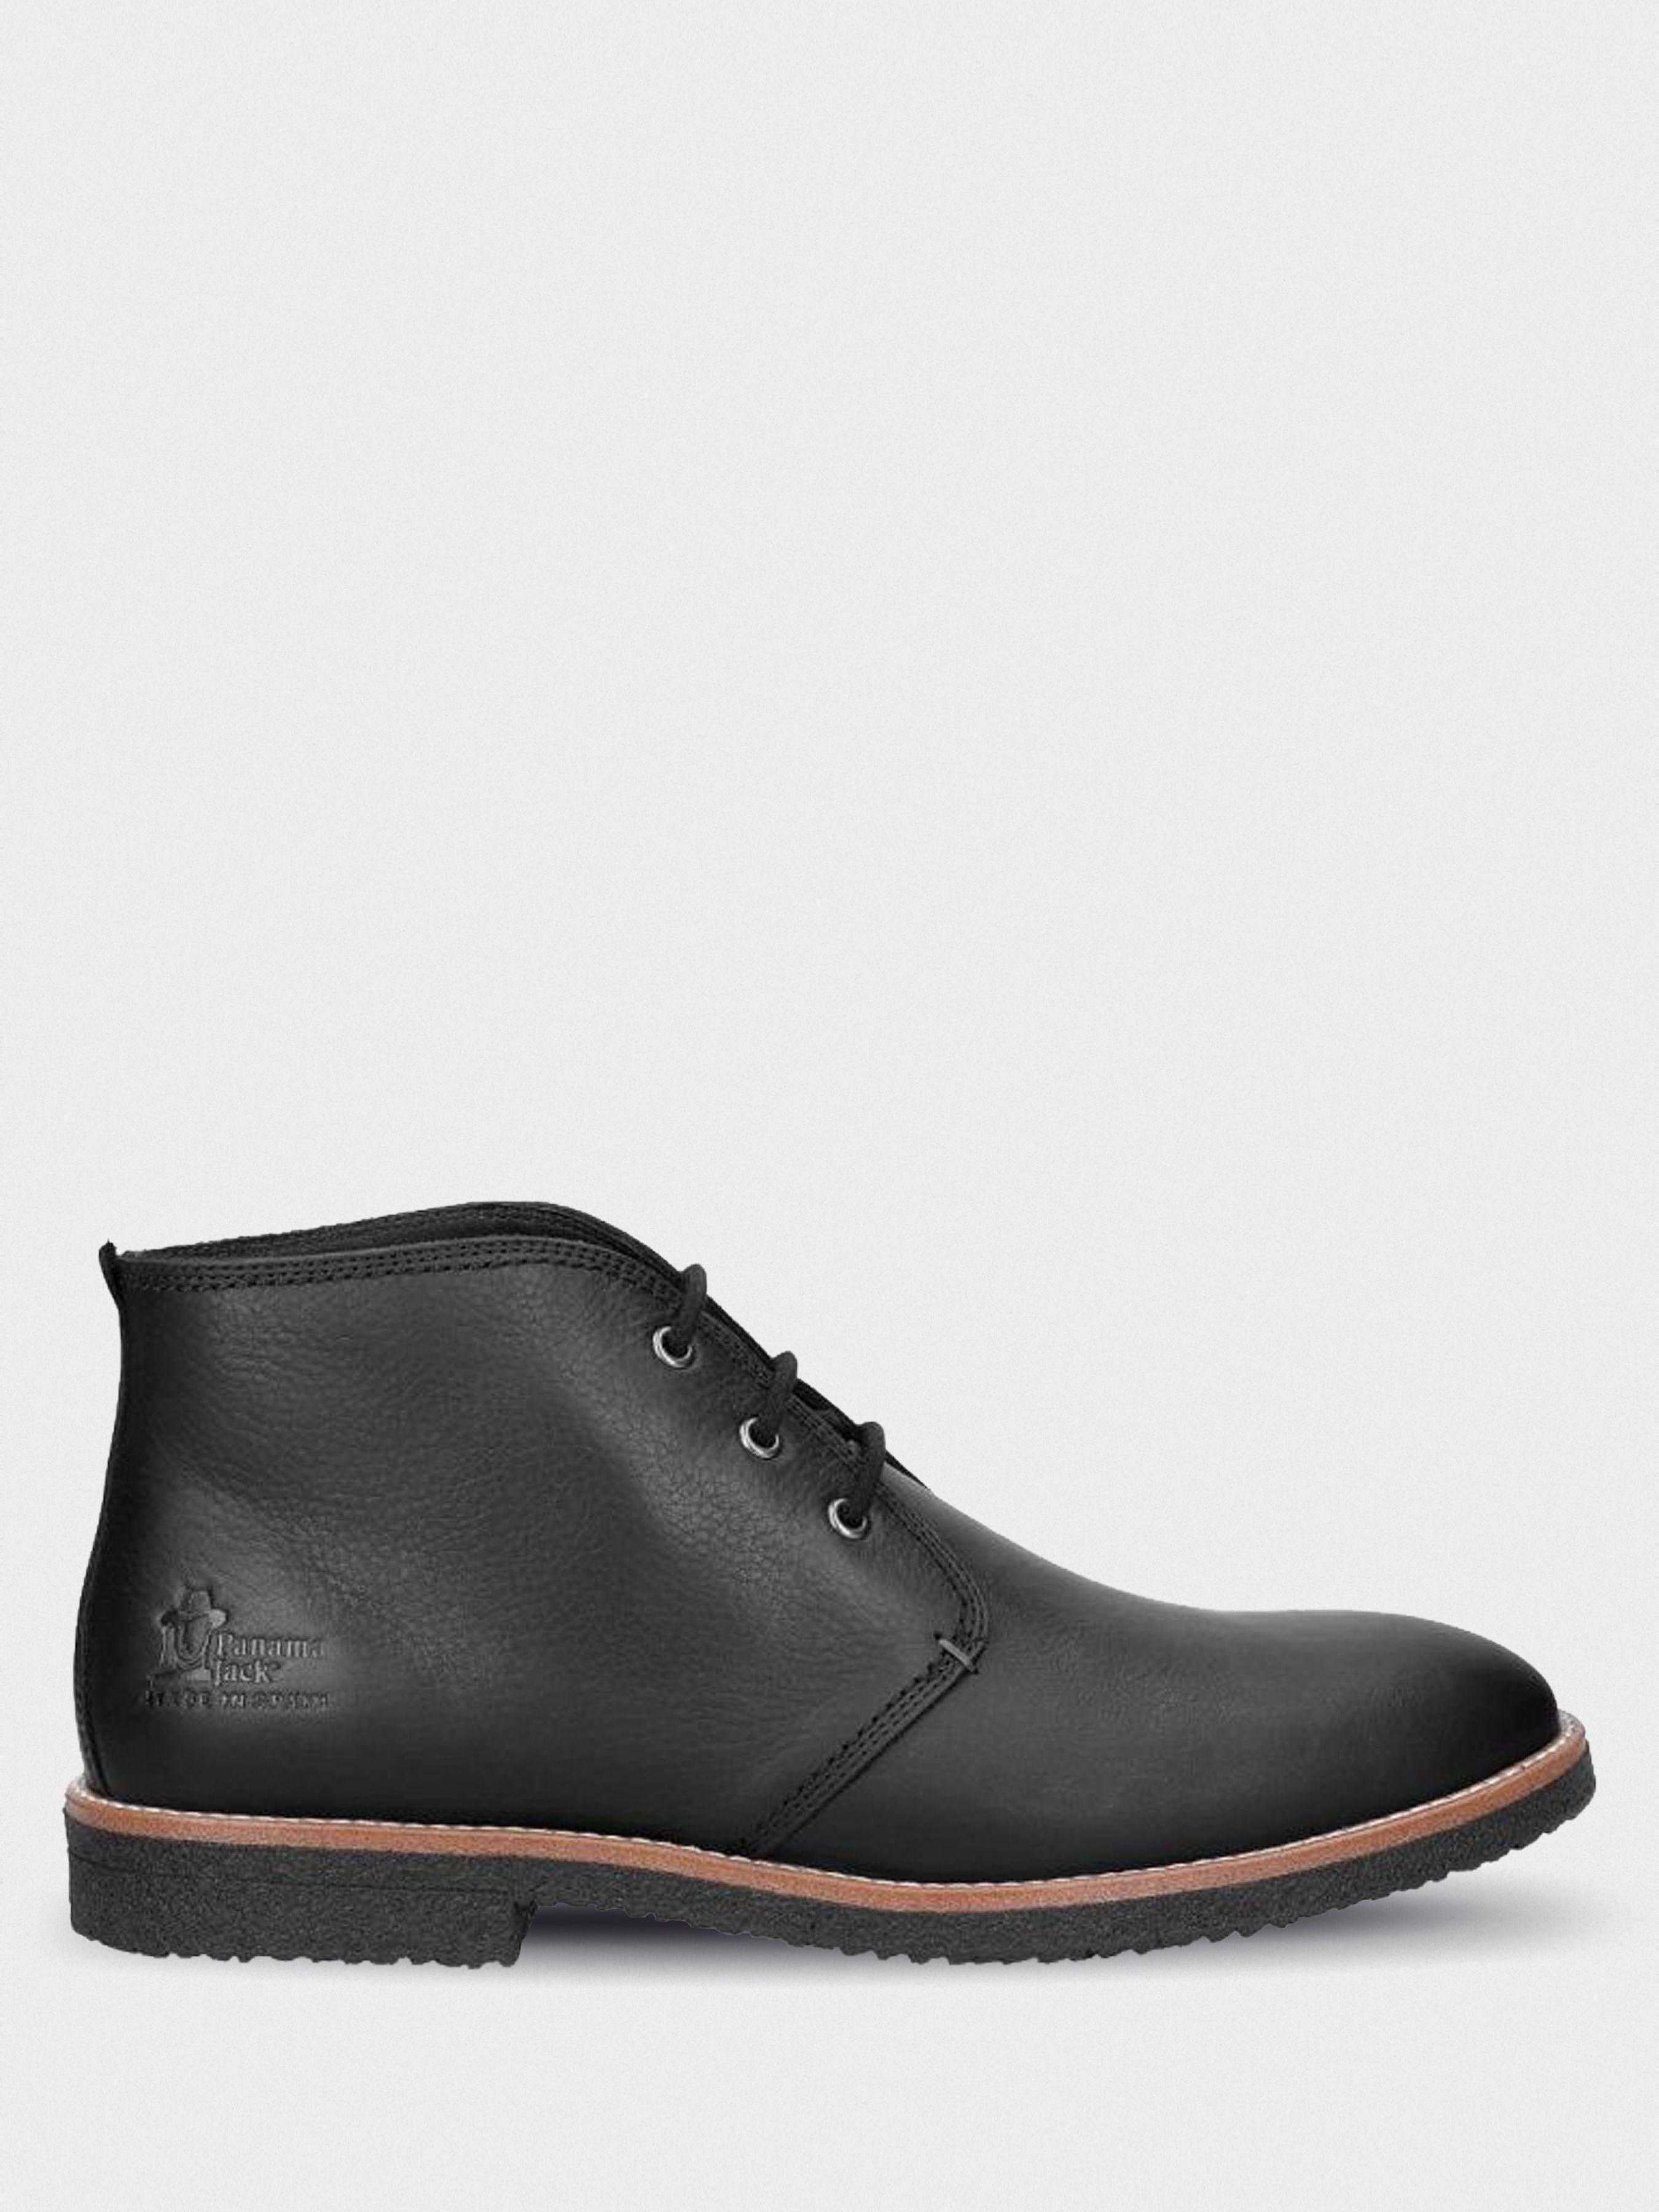 Купить Ботинки мужские Panama Jack PX110, Черный